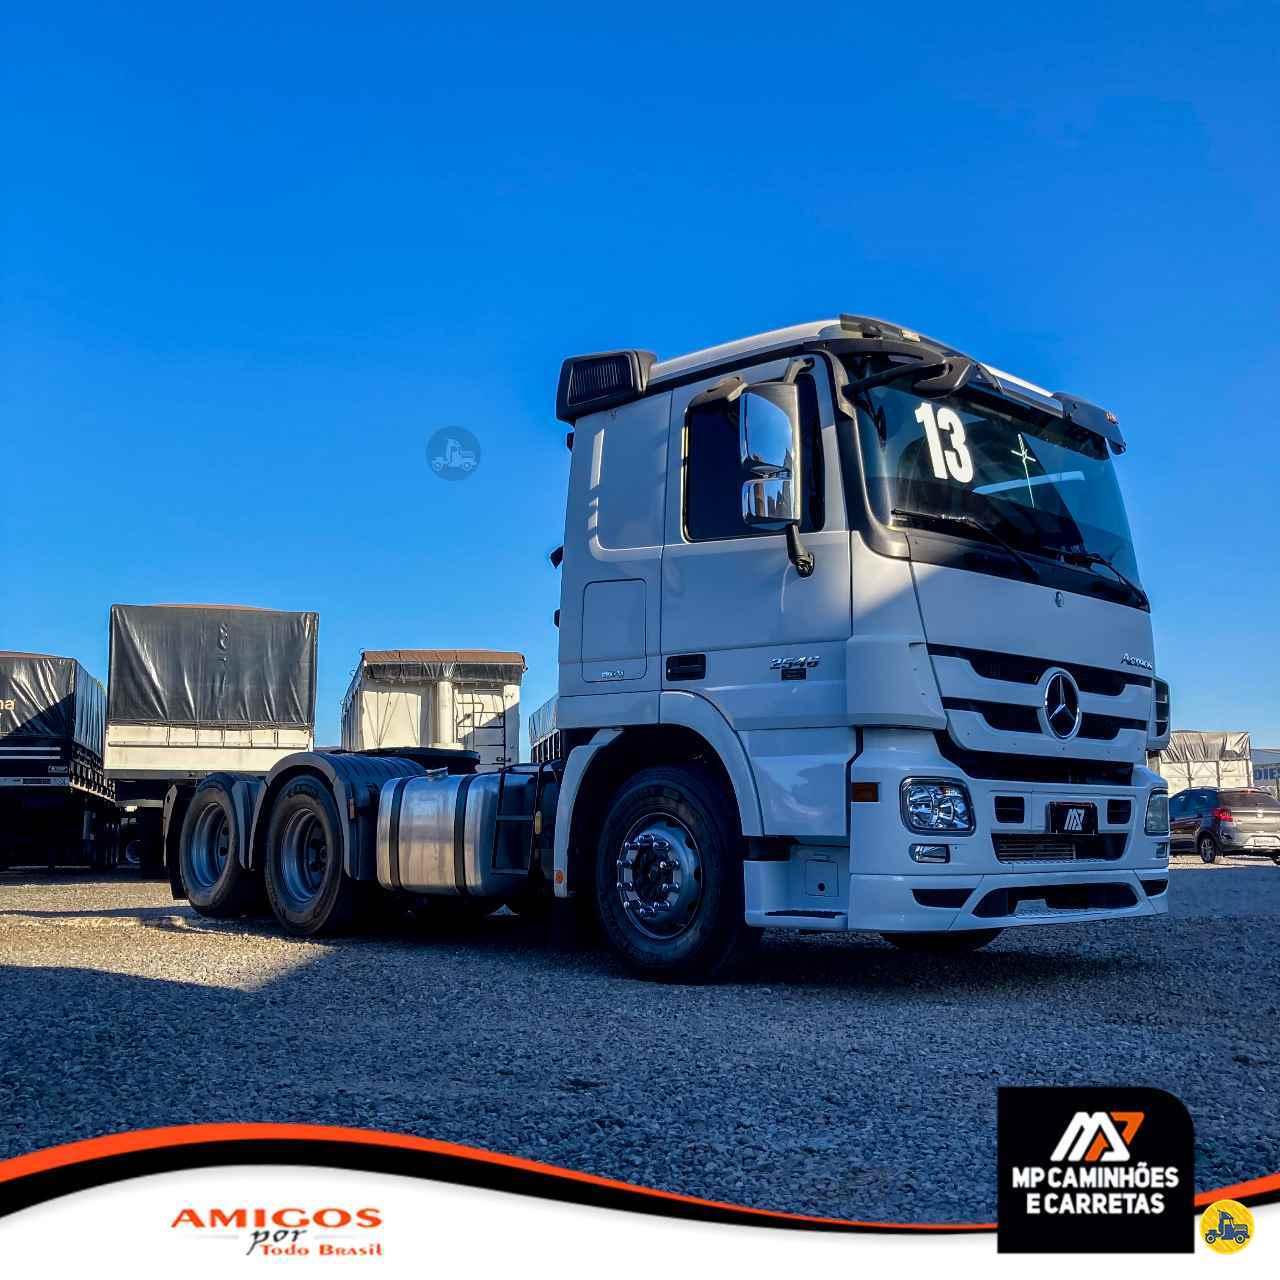 CAMINHAO MERCEDES-BENZ MB 2546 Cavalo Mecânico Truck 6x2 MP Caminhões e Carretas PATOS DE MINAS MINAS GERAIS MG